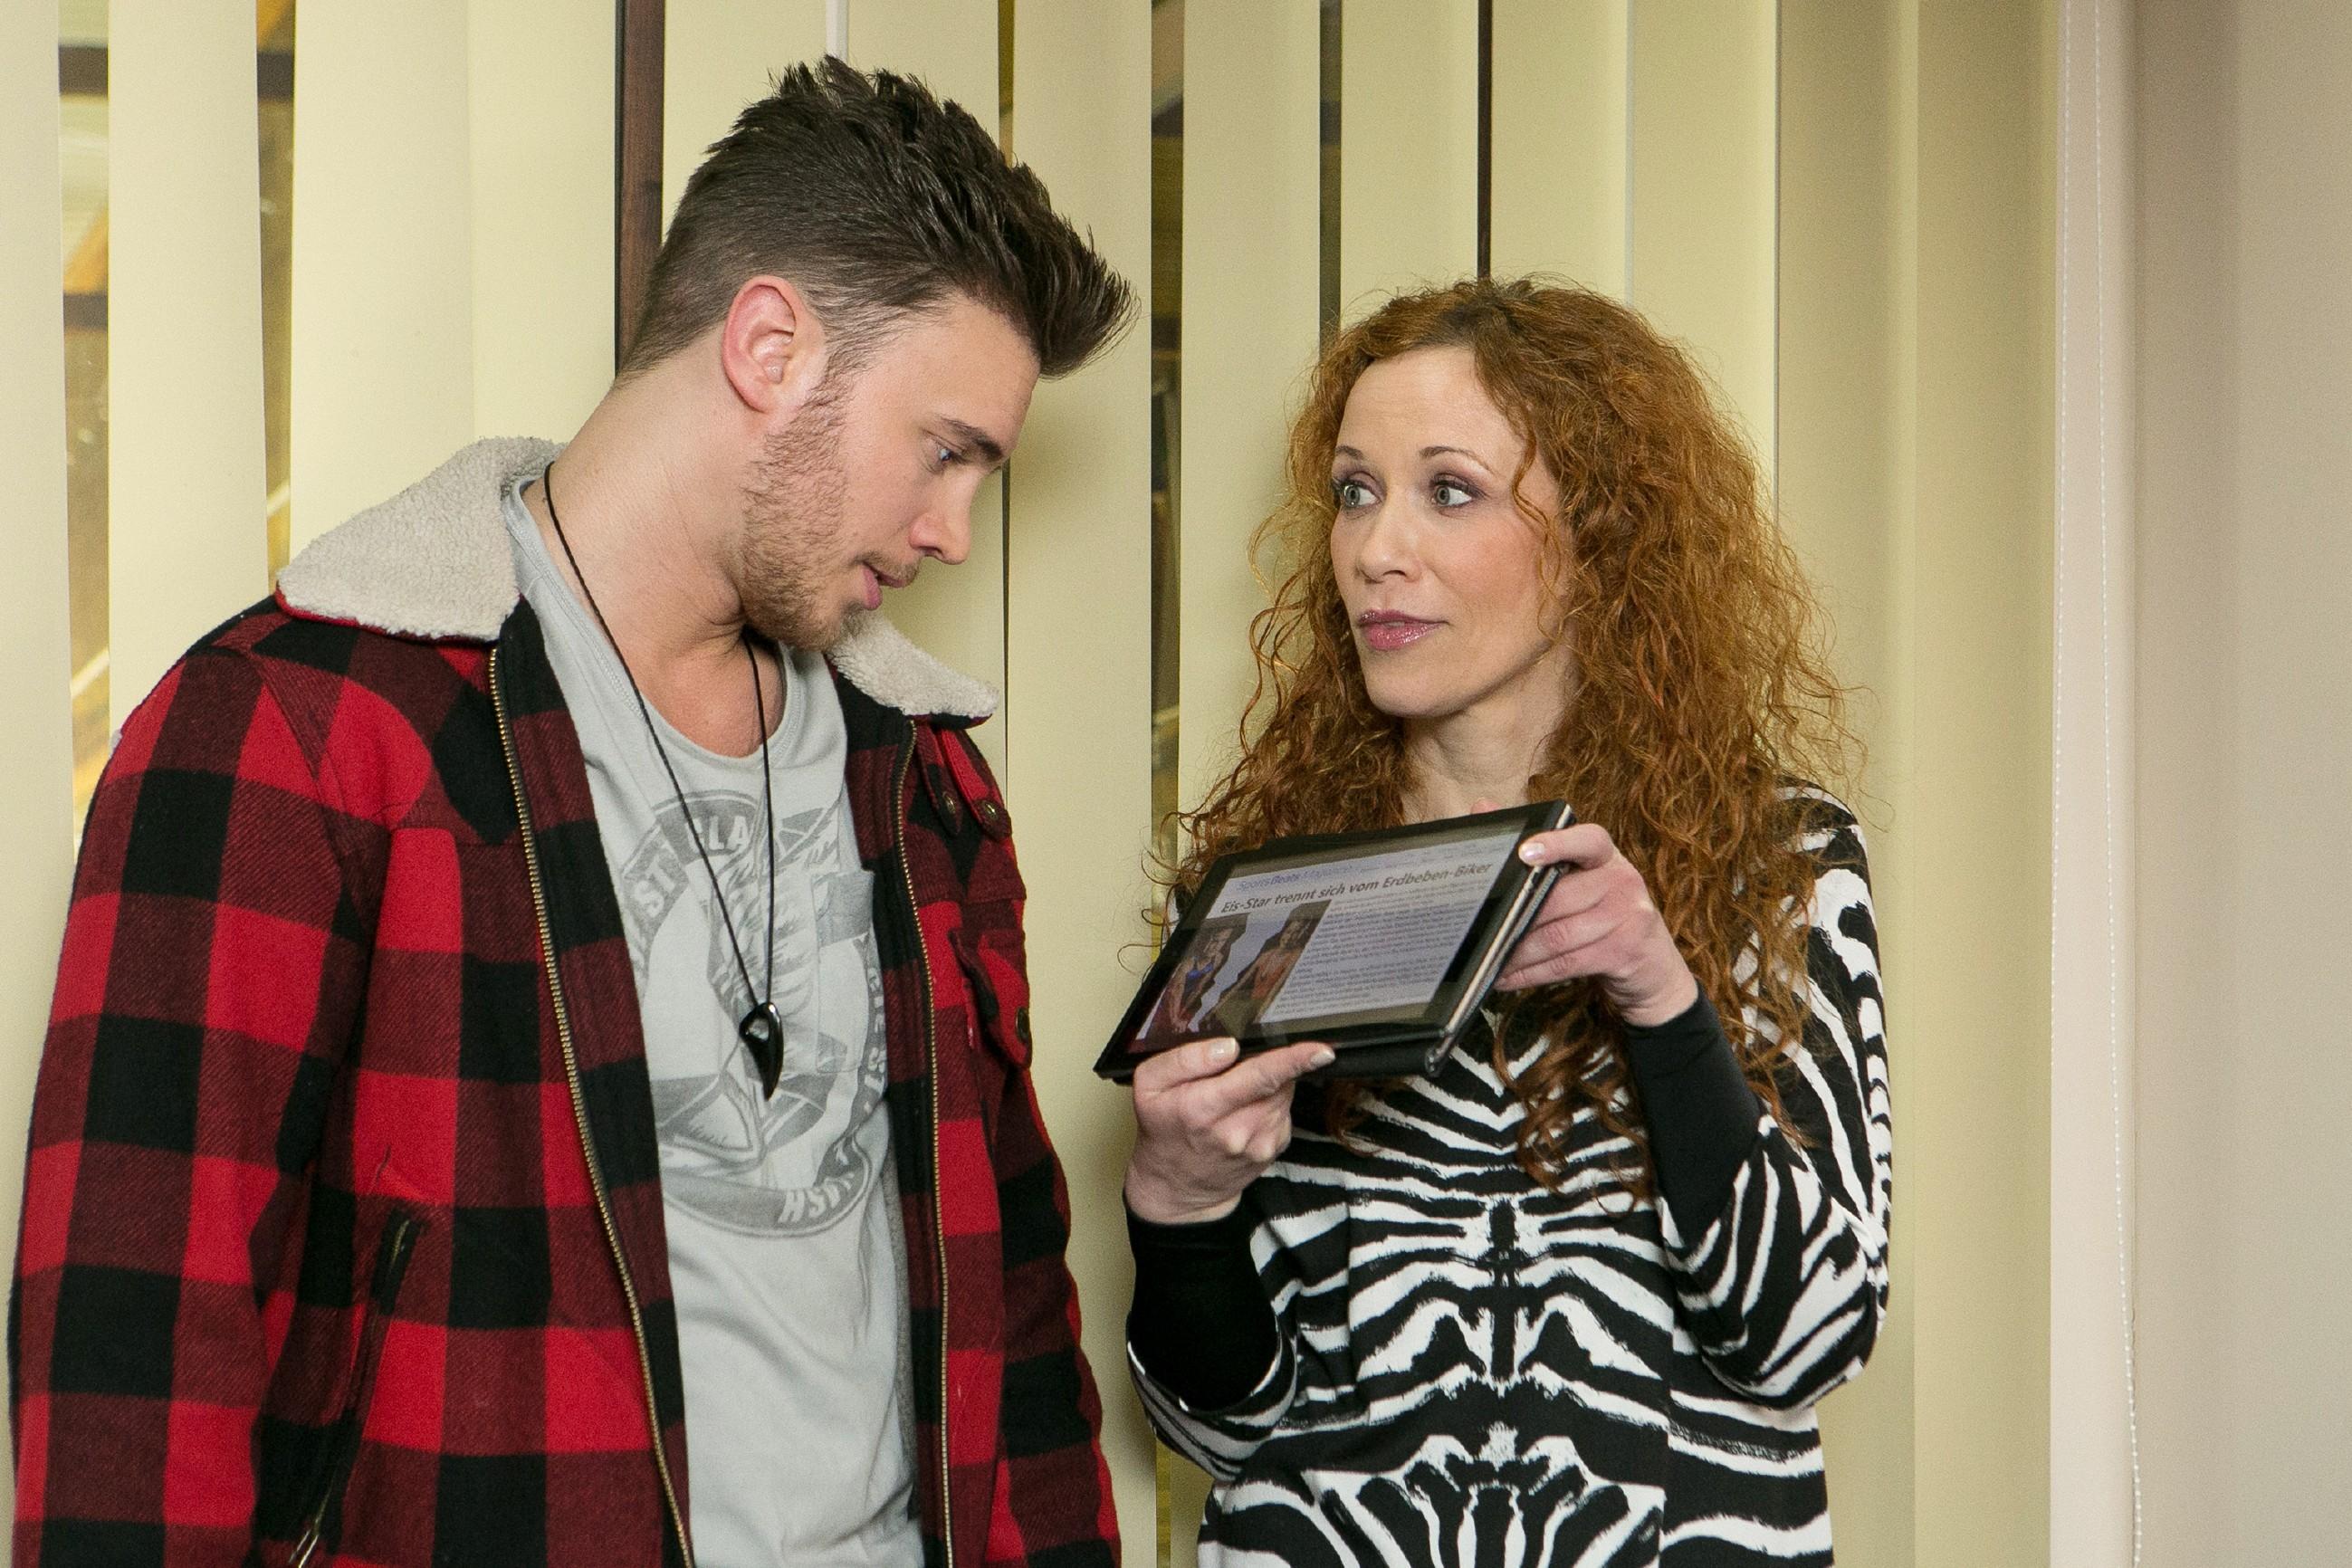 Als Brigitte (Madlen Kaniuth) ihm die Pressemeldung bezüglich Michelles Trennung von Tim zeigt, ist Ronny (Bela Klentze) noch entschlossener, den Kraftpaket-Wettbewerb zu gewinnen. (Quelle: RTL / Stefan Behrens)